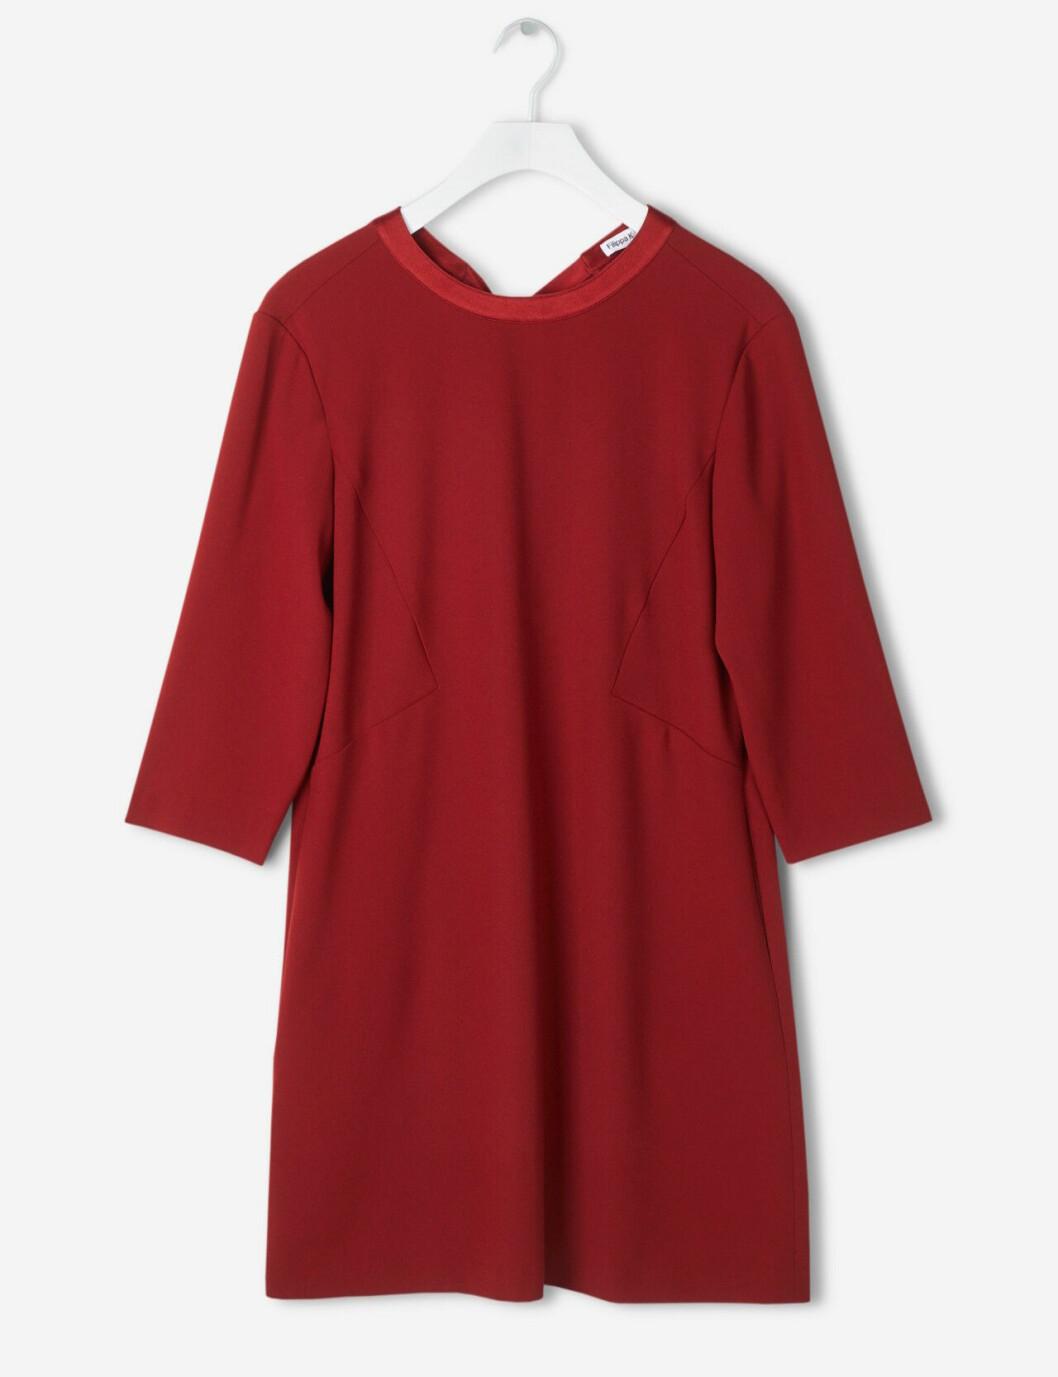 Röd klänning till julen 2018